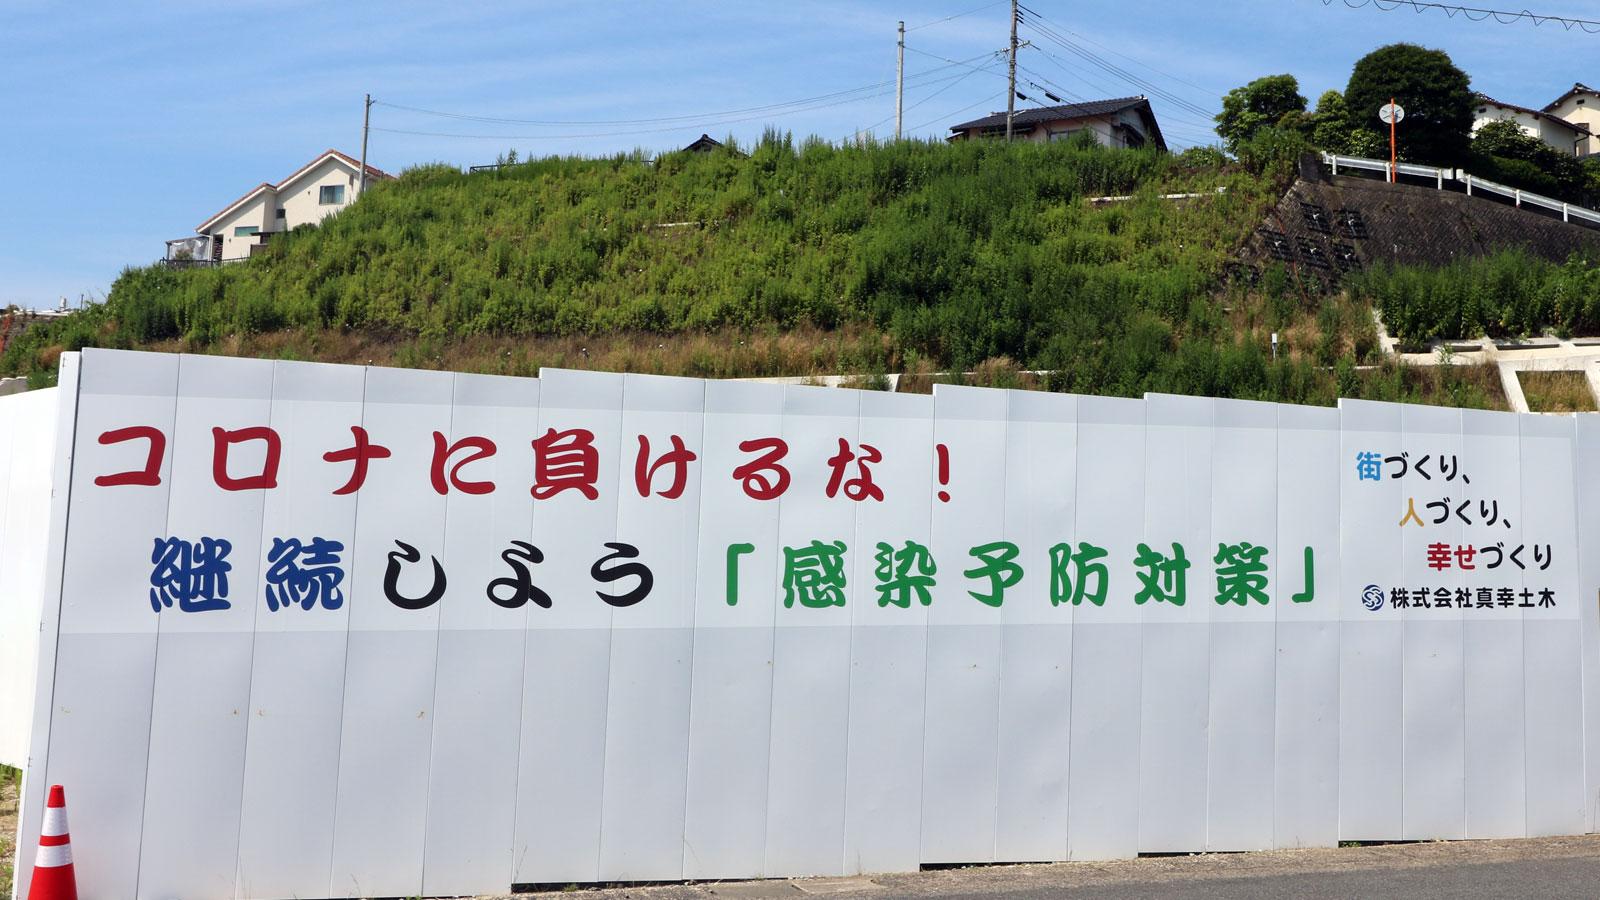 工業 コロナ 松江